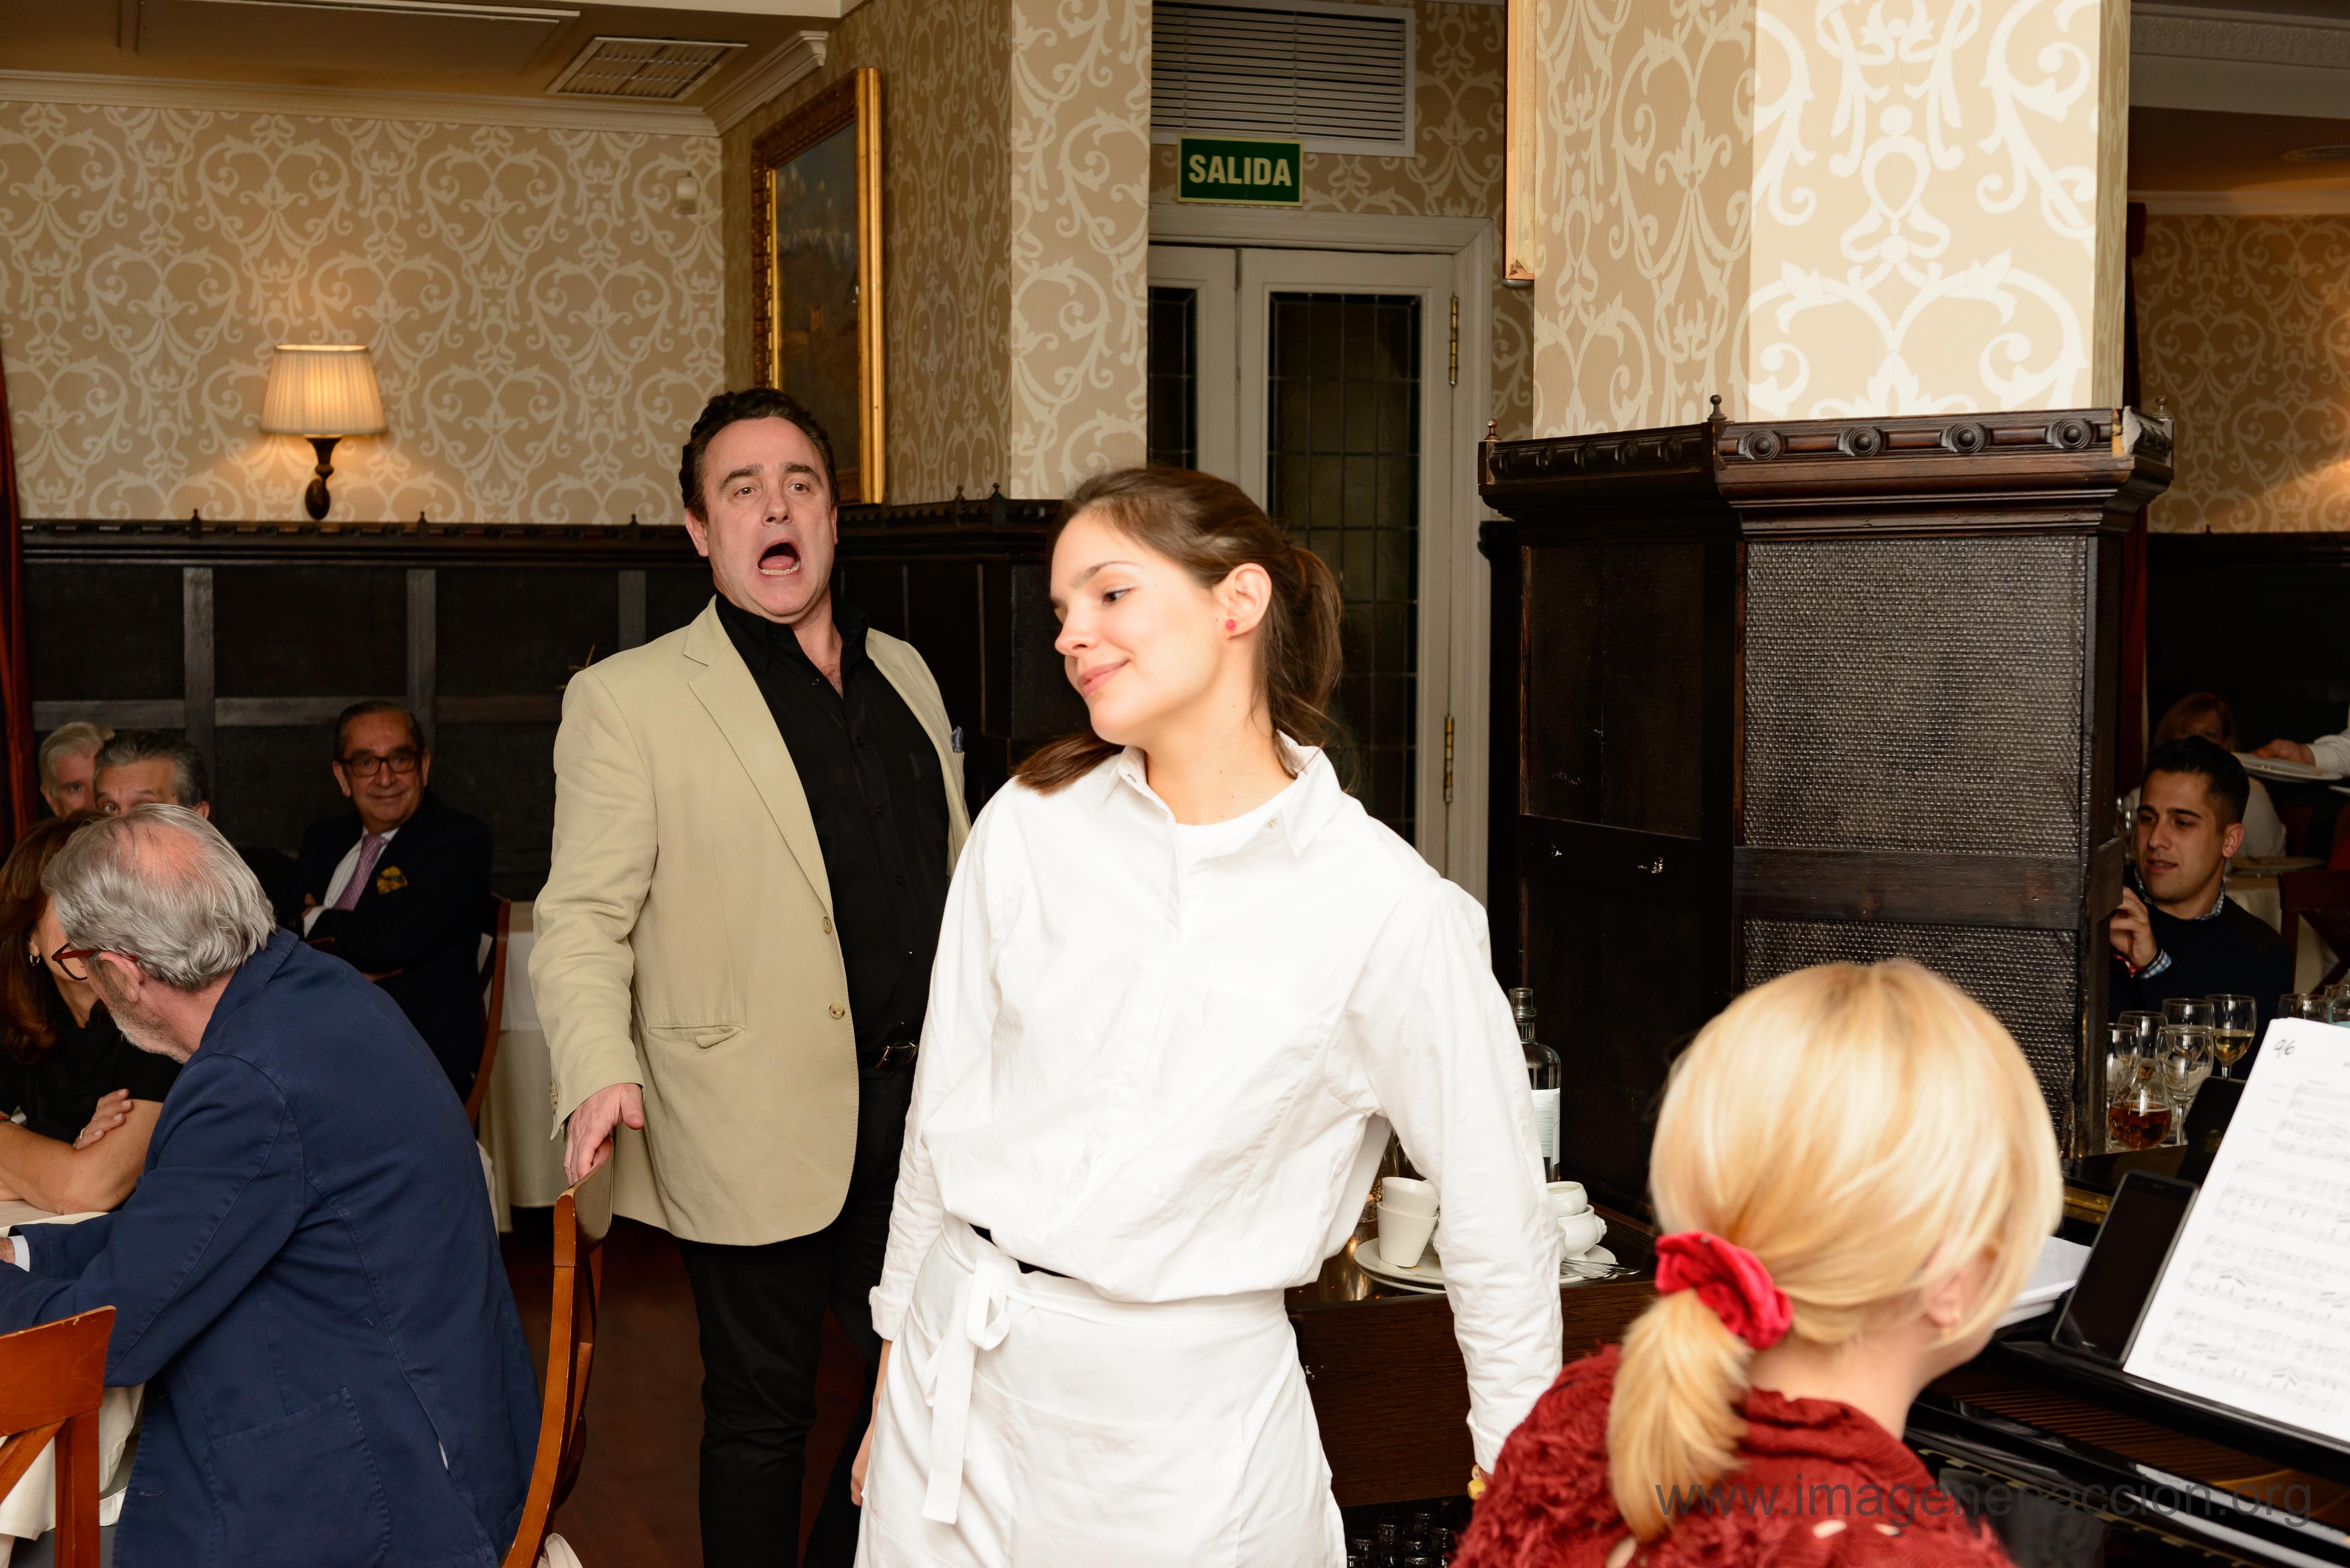 Los camareros amenizaron la cena con fragmentos de óperas conocidas.